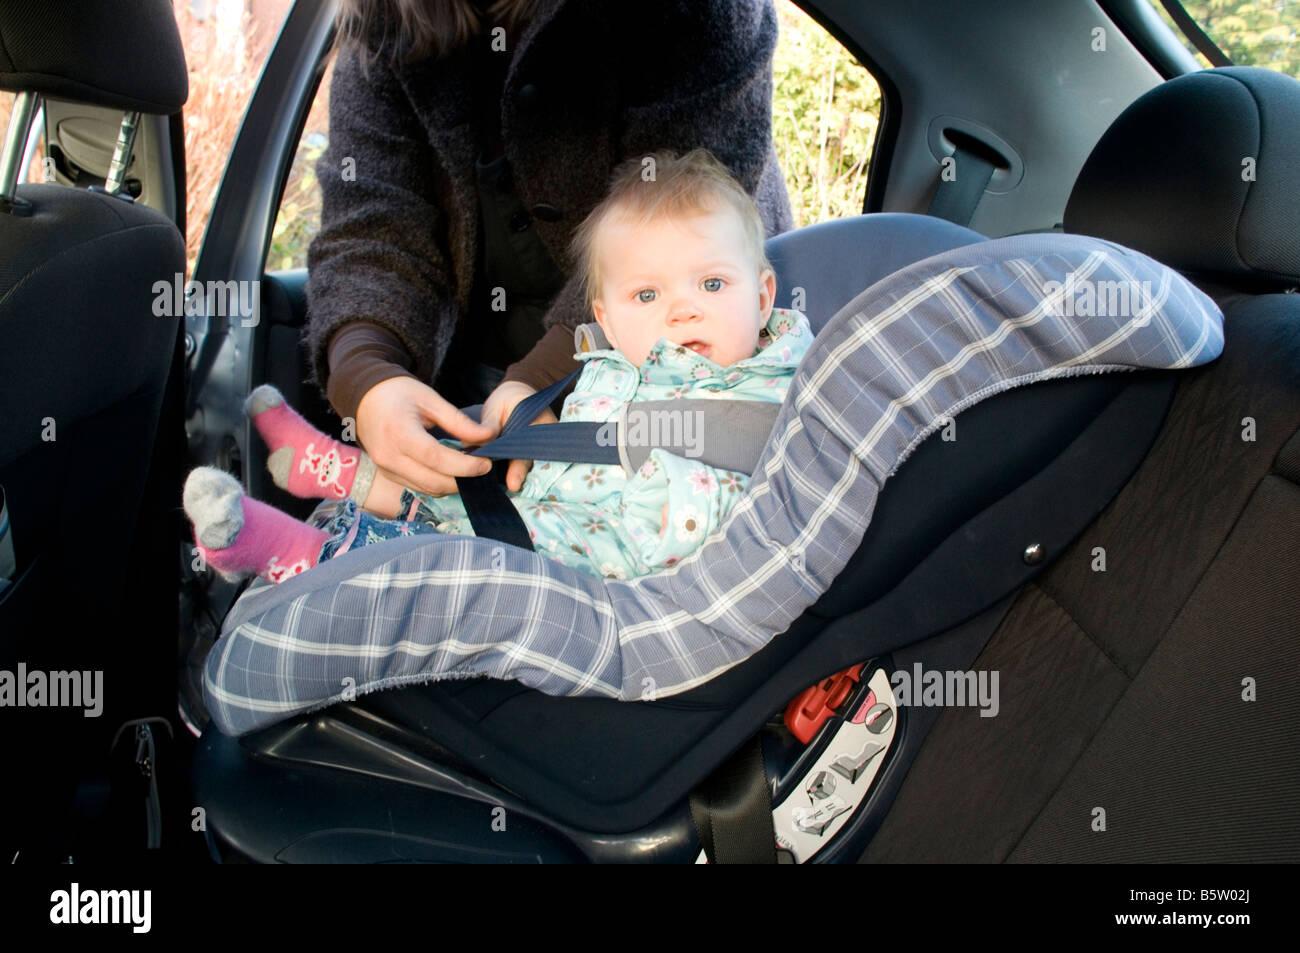 Kind Sitz Kind Baby Auto In Sicherheit Sicher Angeschnallt